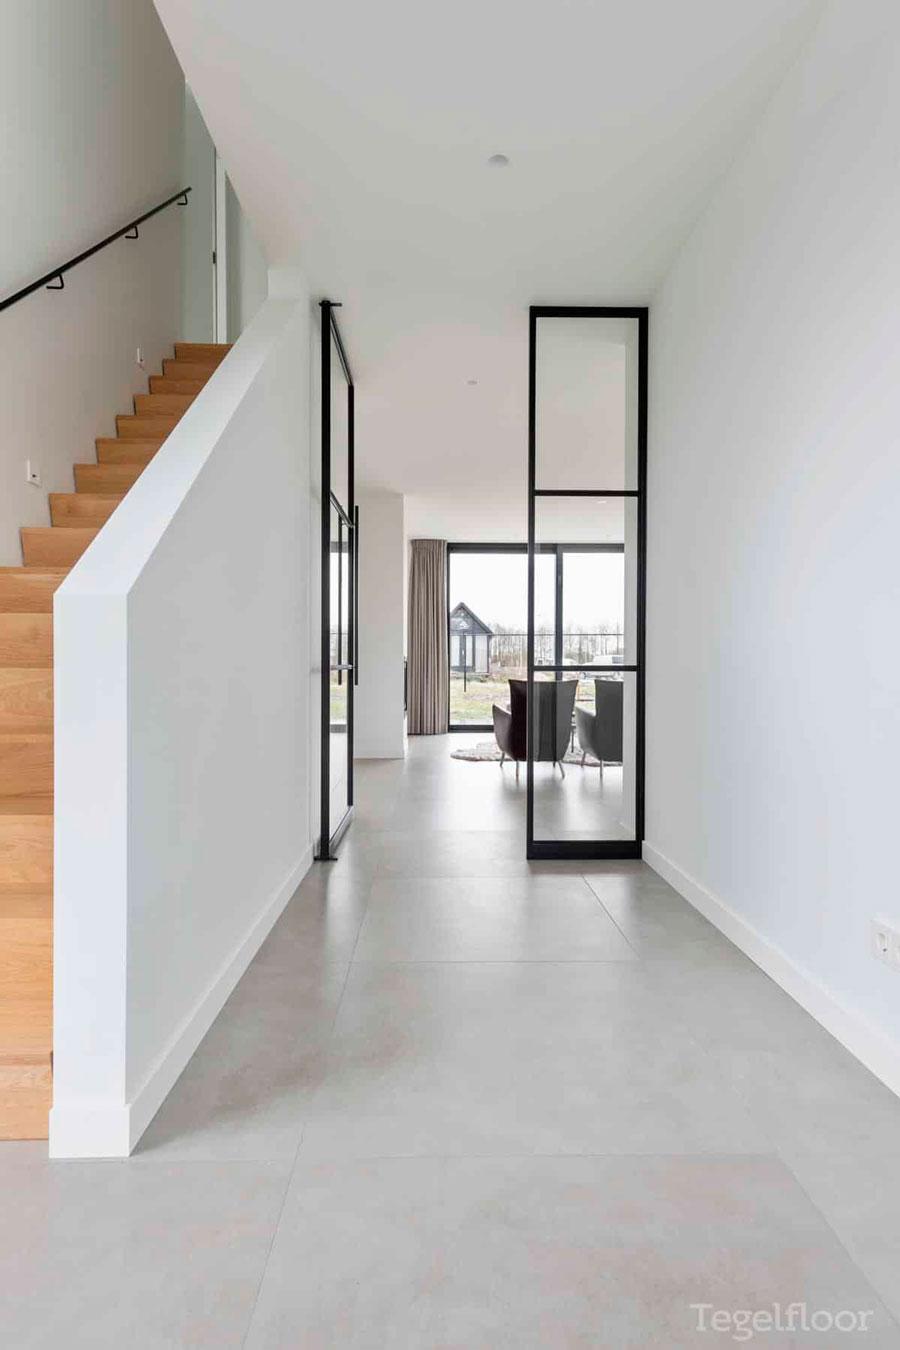 Los cerramientos dividen espacios, aprovechando en toda la casa la luz de las ventanas